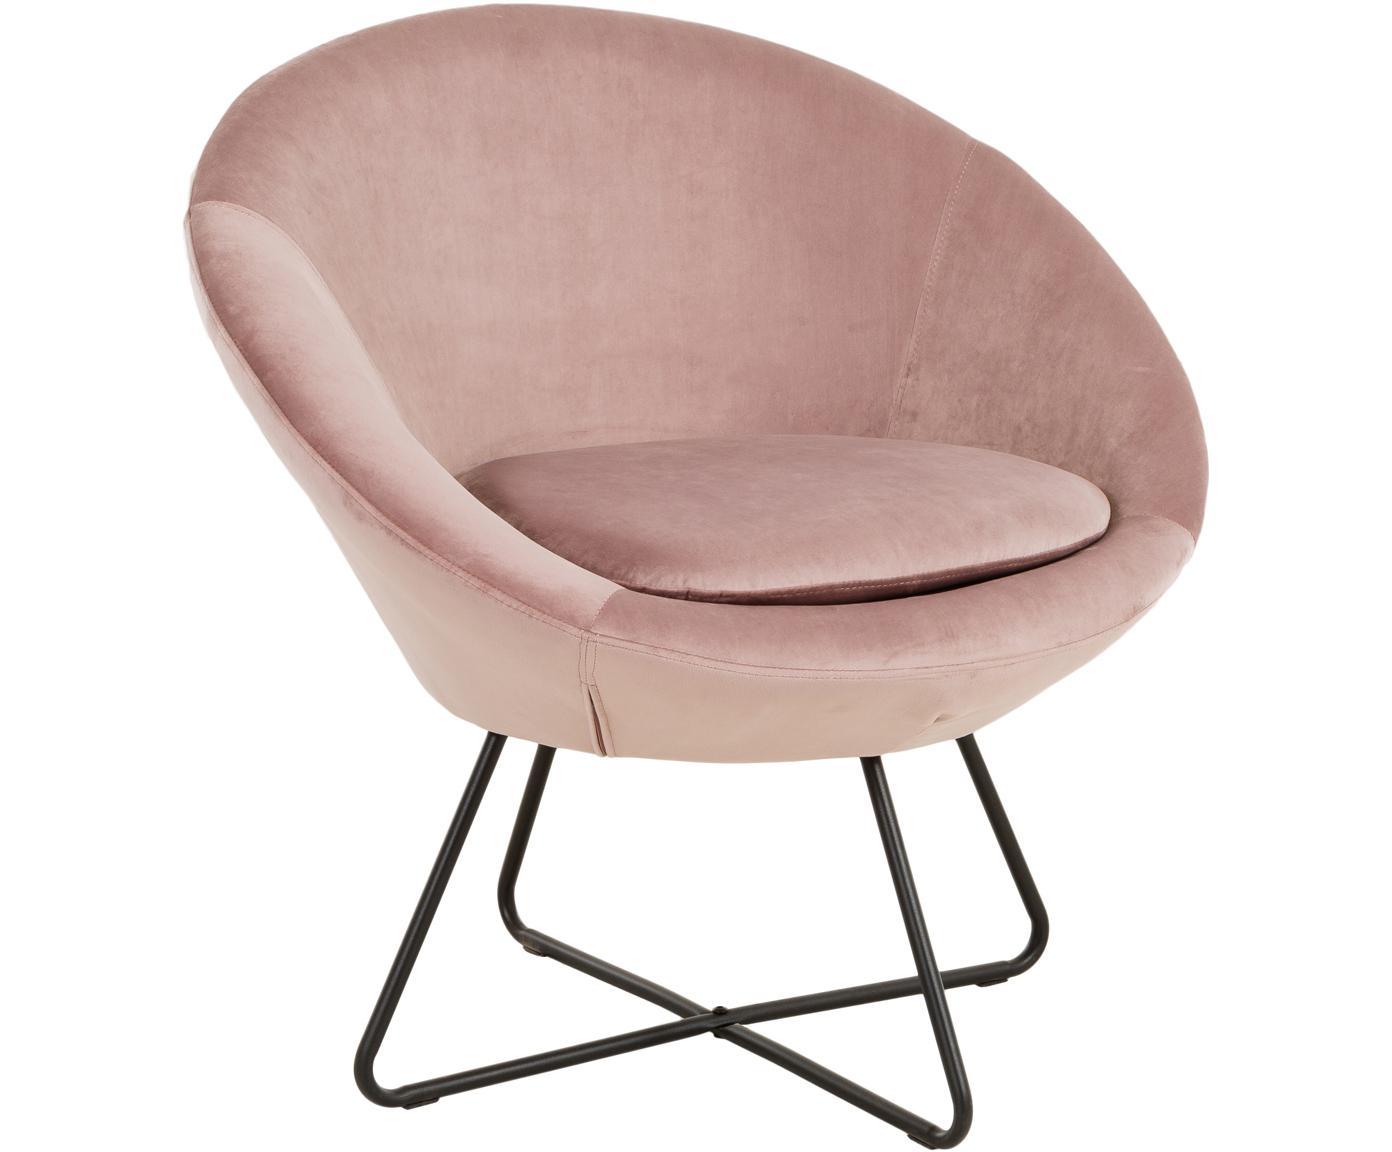 Fotel wypoczynkowy z aksamitu Center, Tapicerka: aksamit poliestrowy 2500, Nogi: metal, chropowaty, malowa, Aksamitny brudny różowy, S 82 x G 73 cm